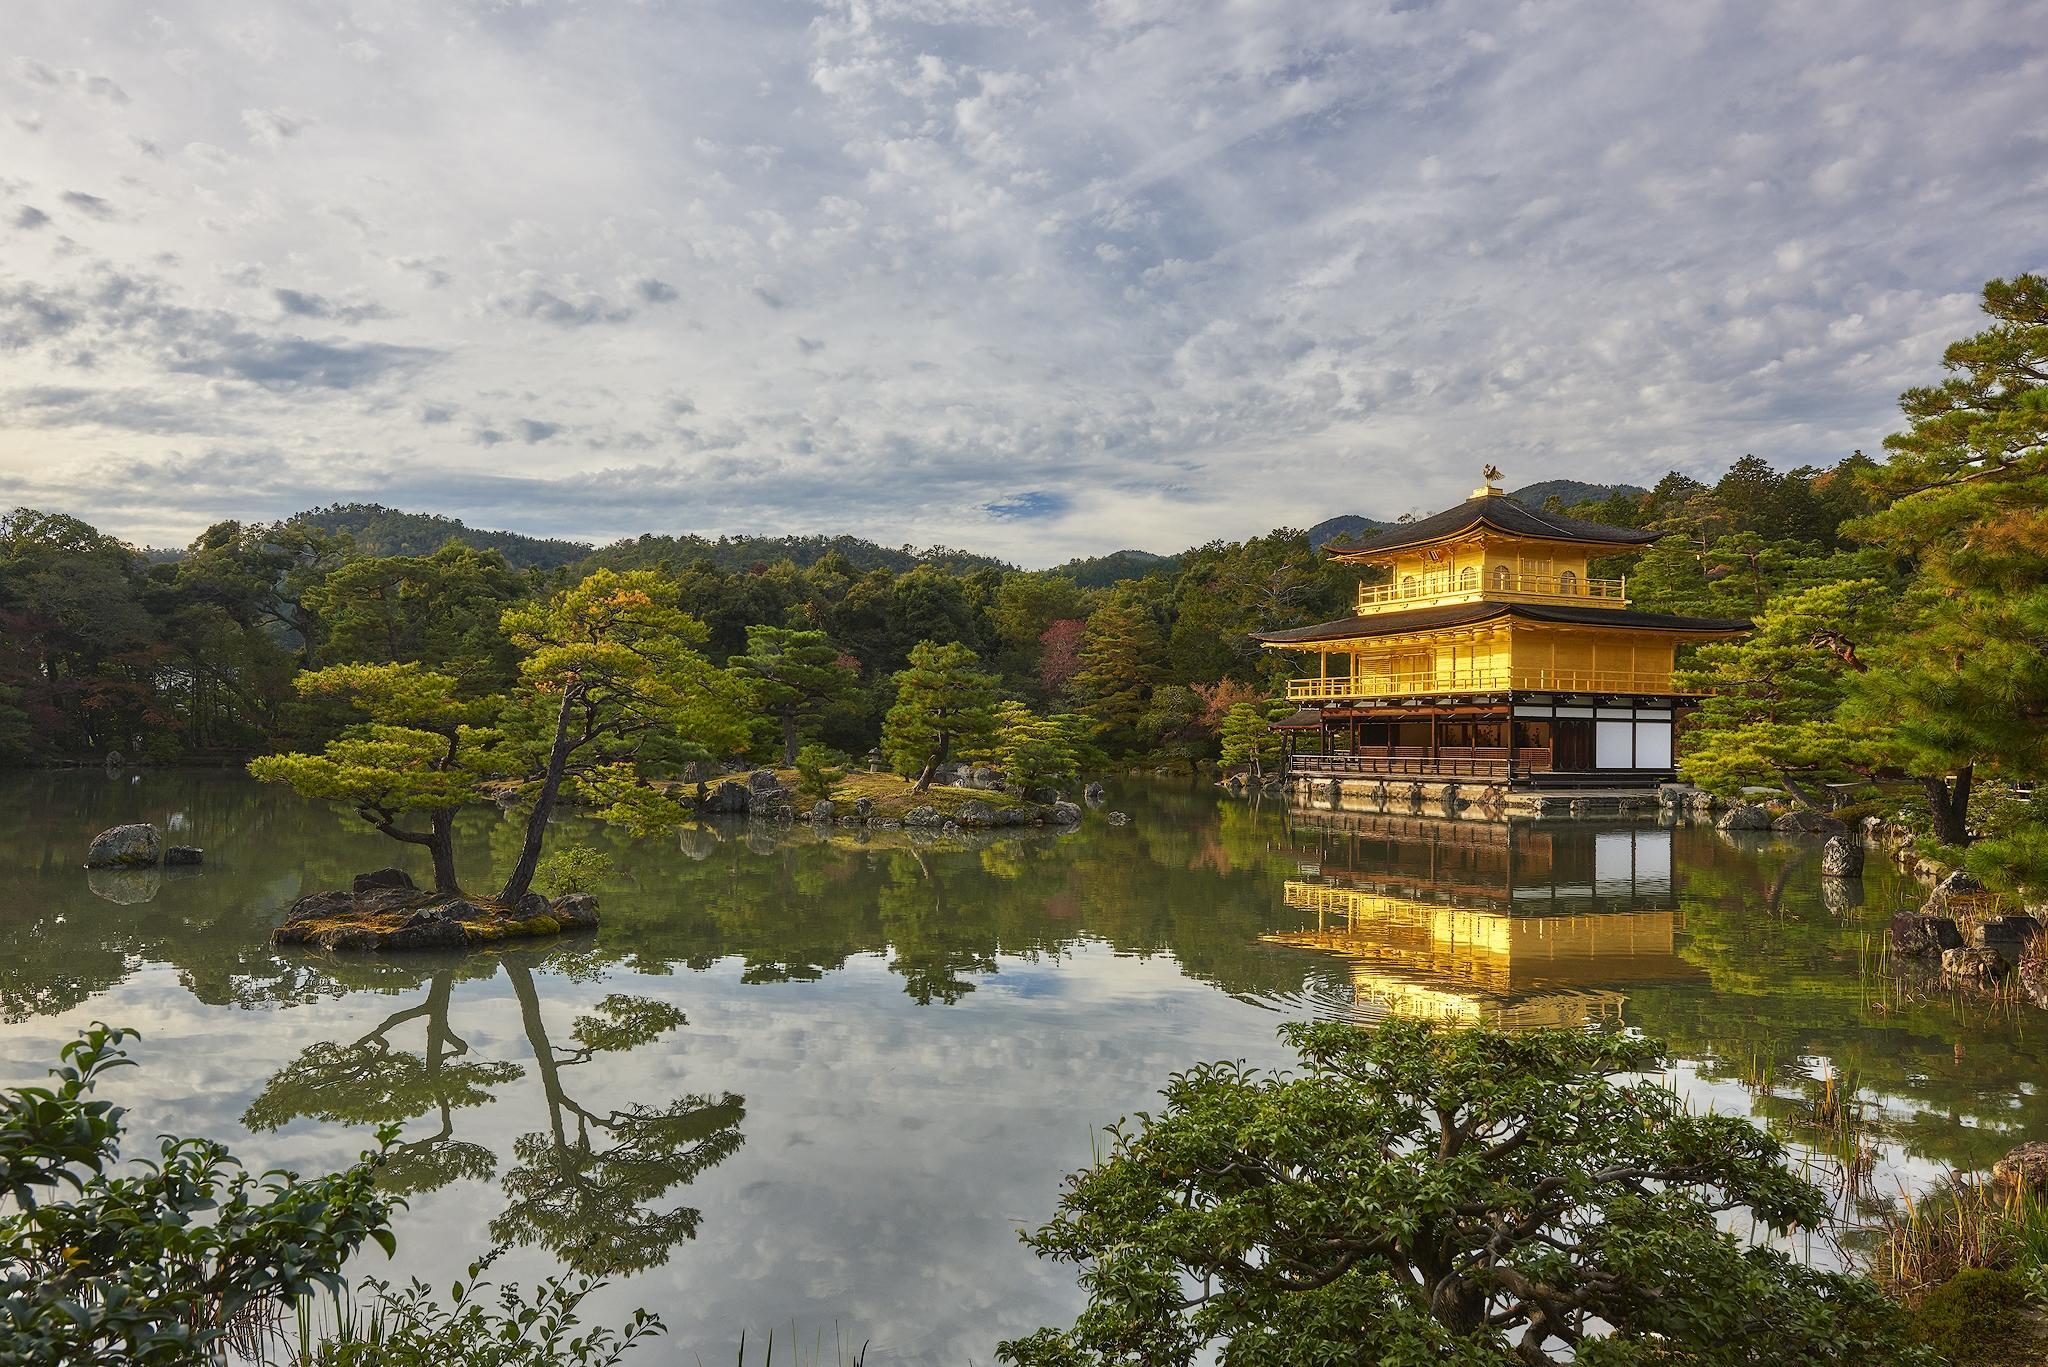 обои Храм в Киото, Япония, пейзаж картинки фото